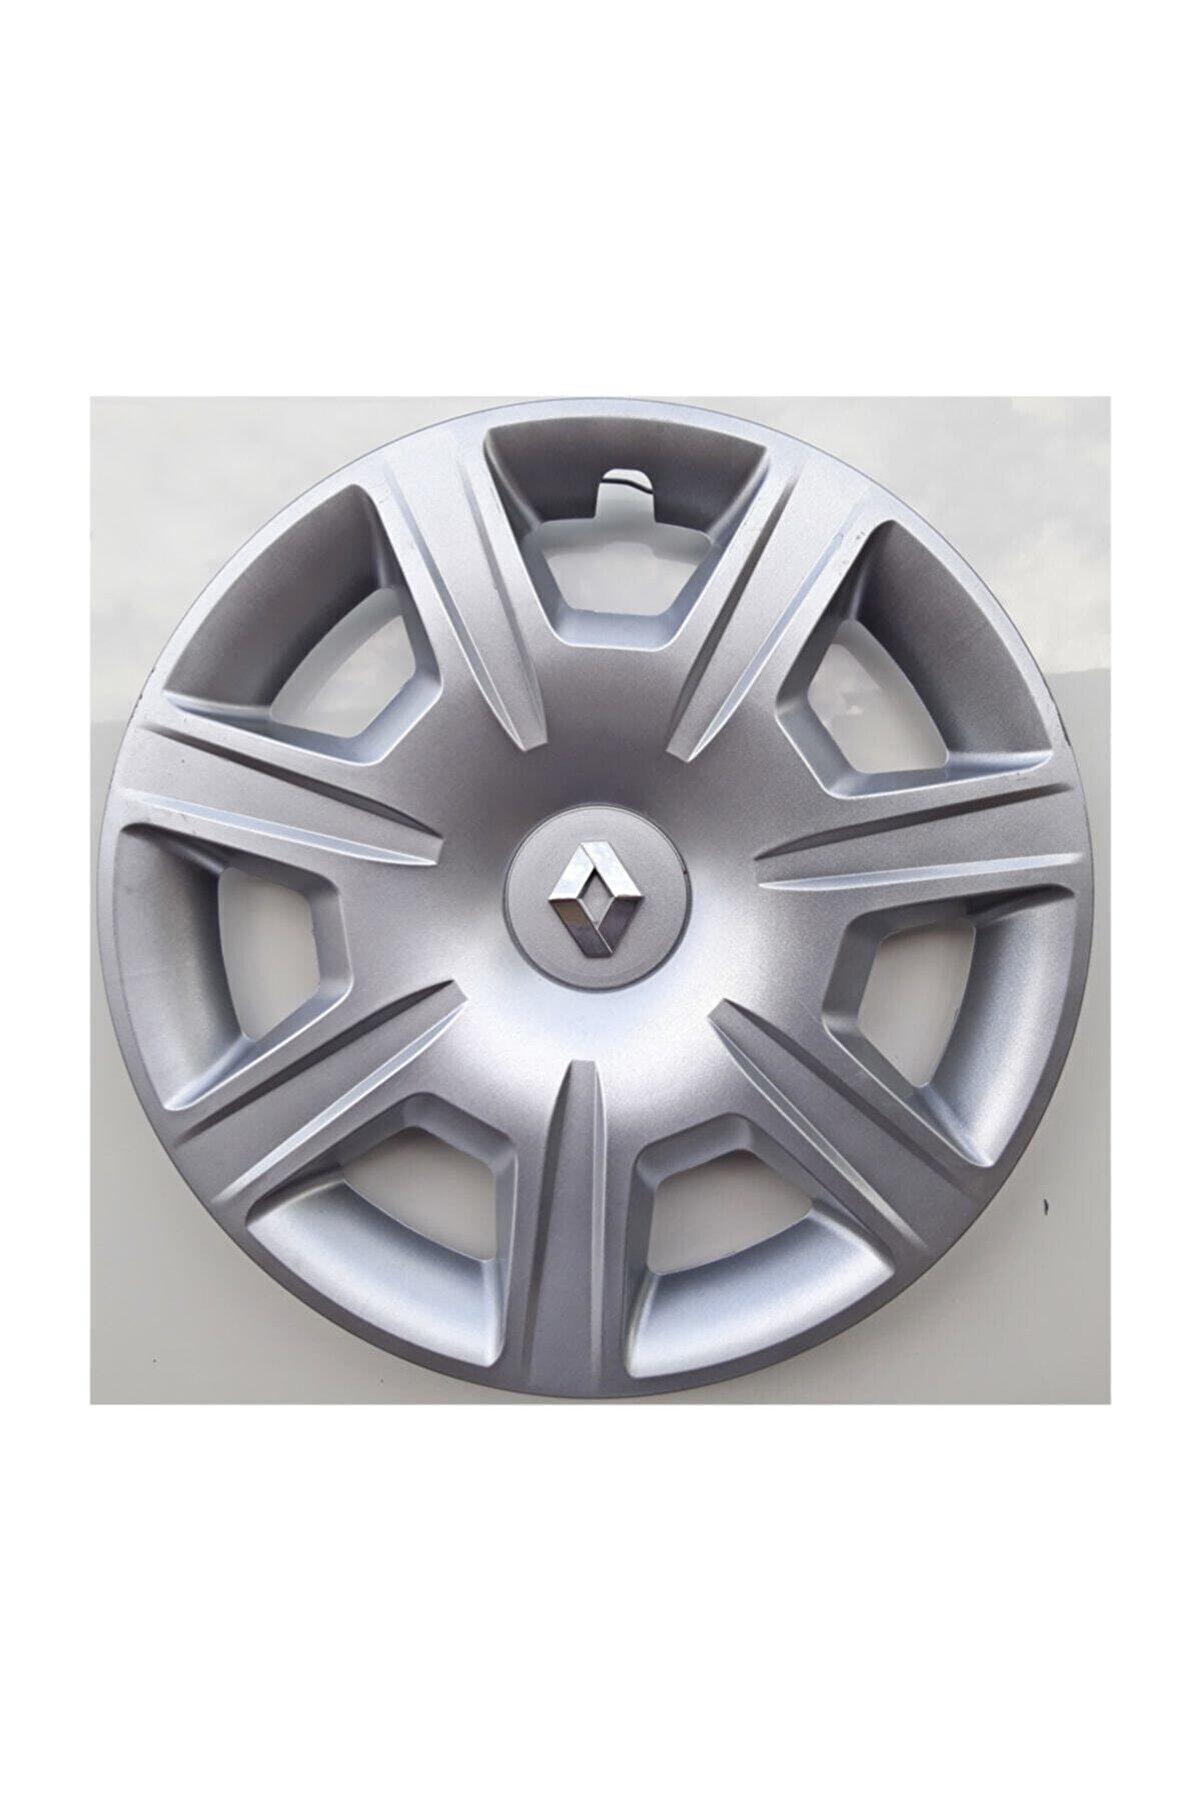 Seta Renault Clio Symbol 15'' Inç Jant Kapağı 4 Adet Kırılmaz Esnek - Amblem